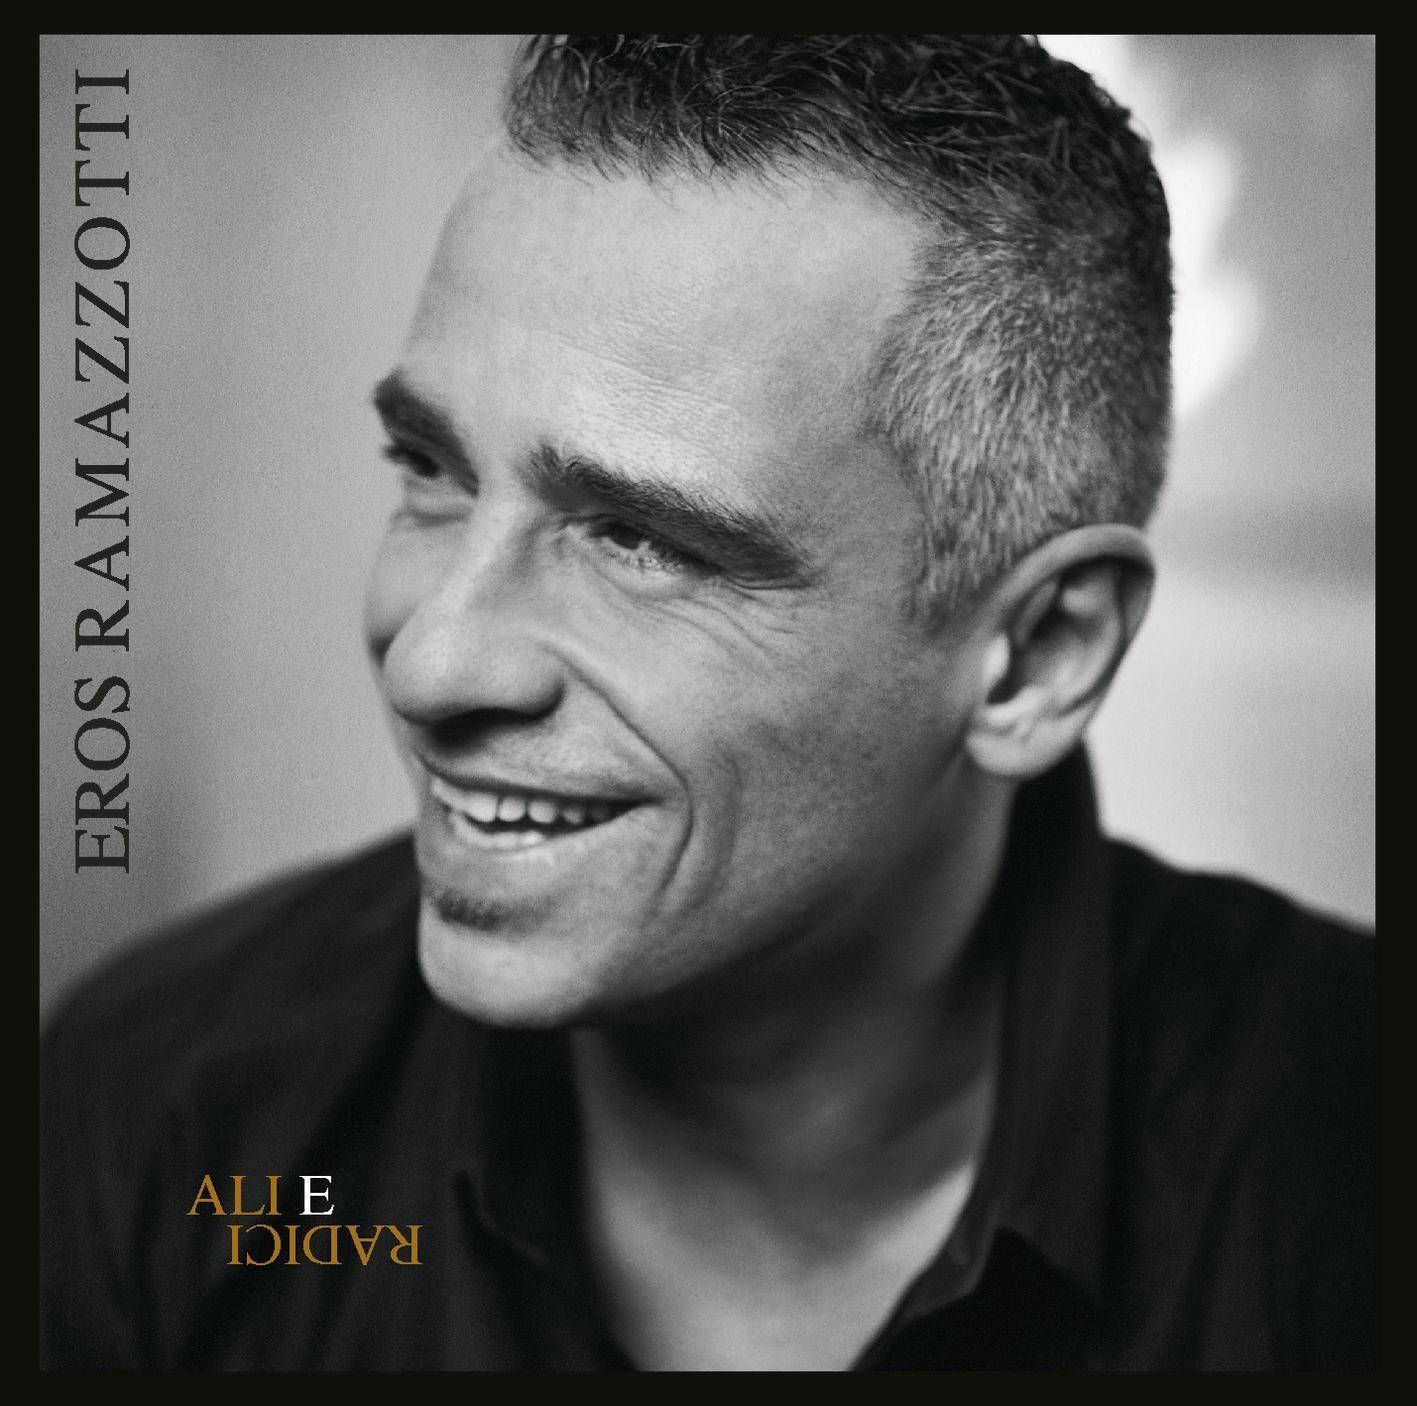 Eros Ramazzotti - Ali E Radici album cover